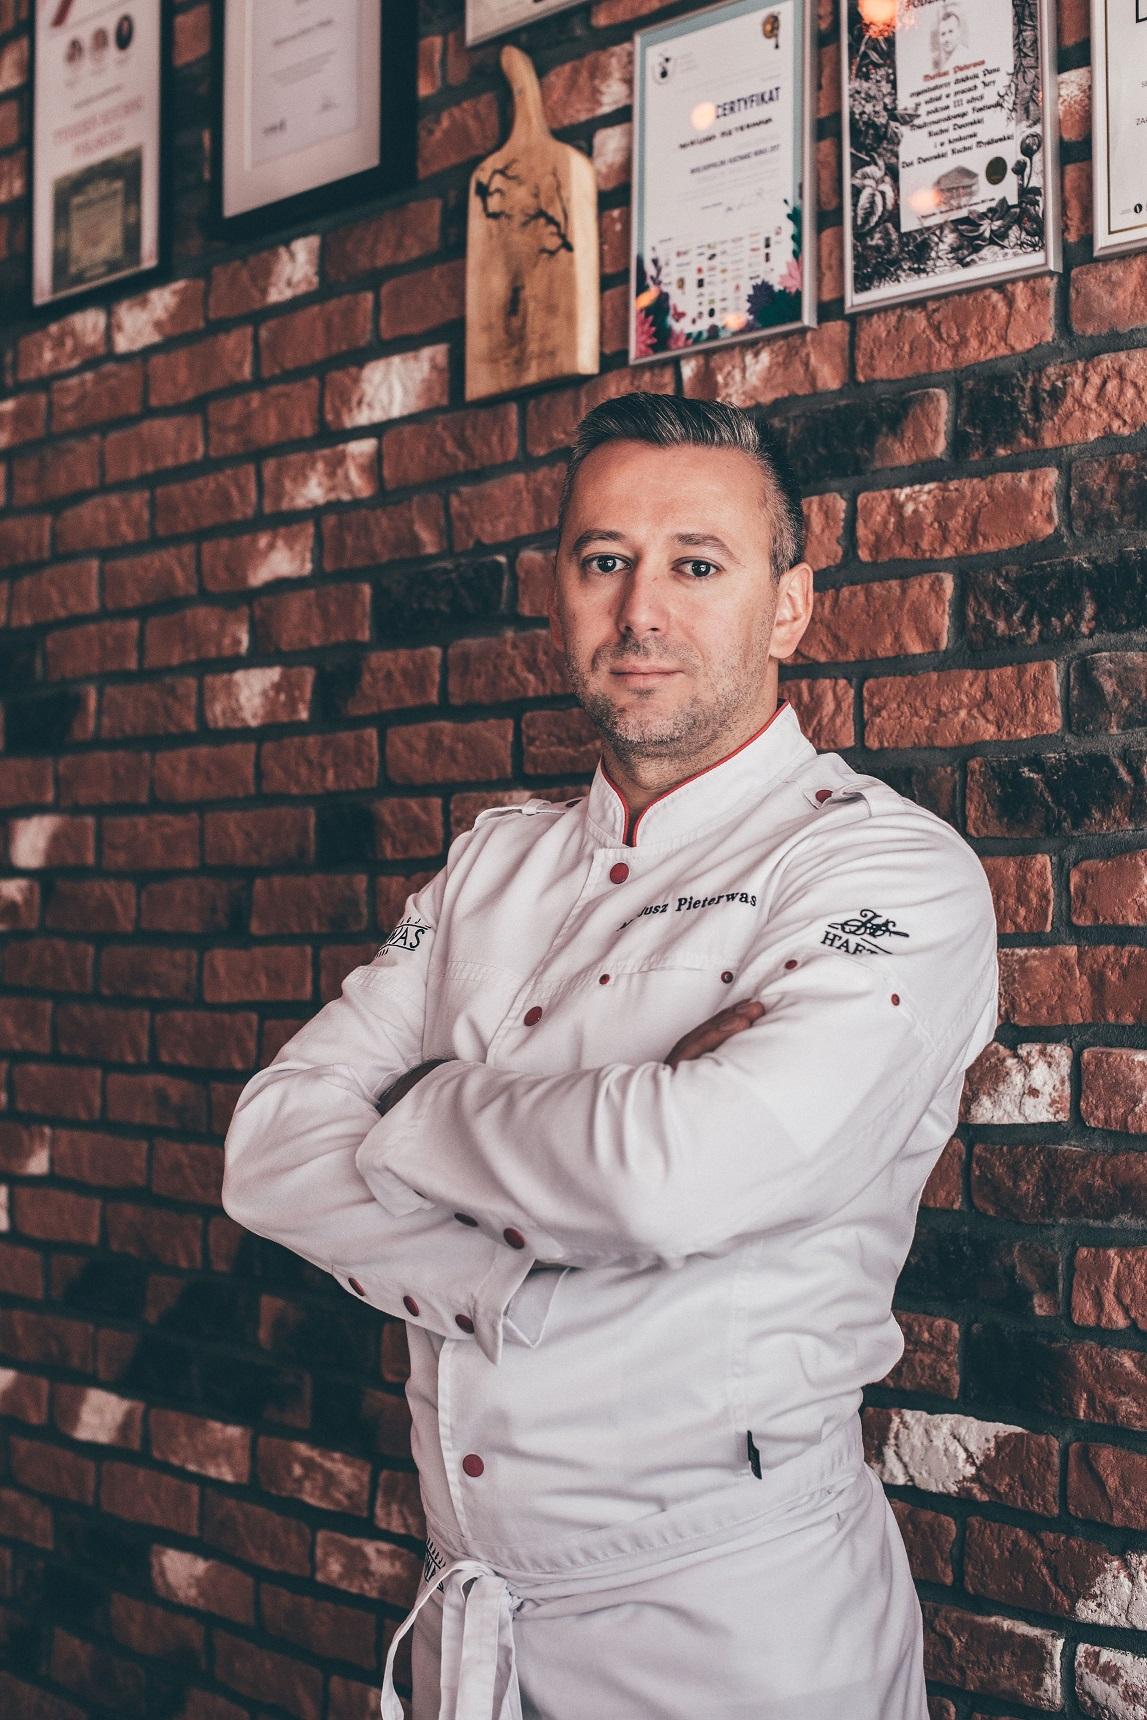 Właściciel restauracji Pieterwas Krew i Woda w Gdyni